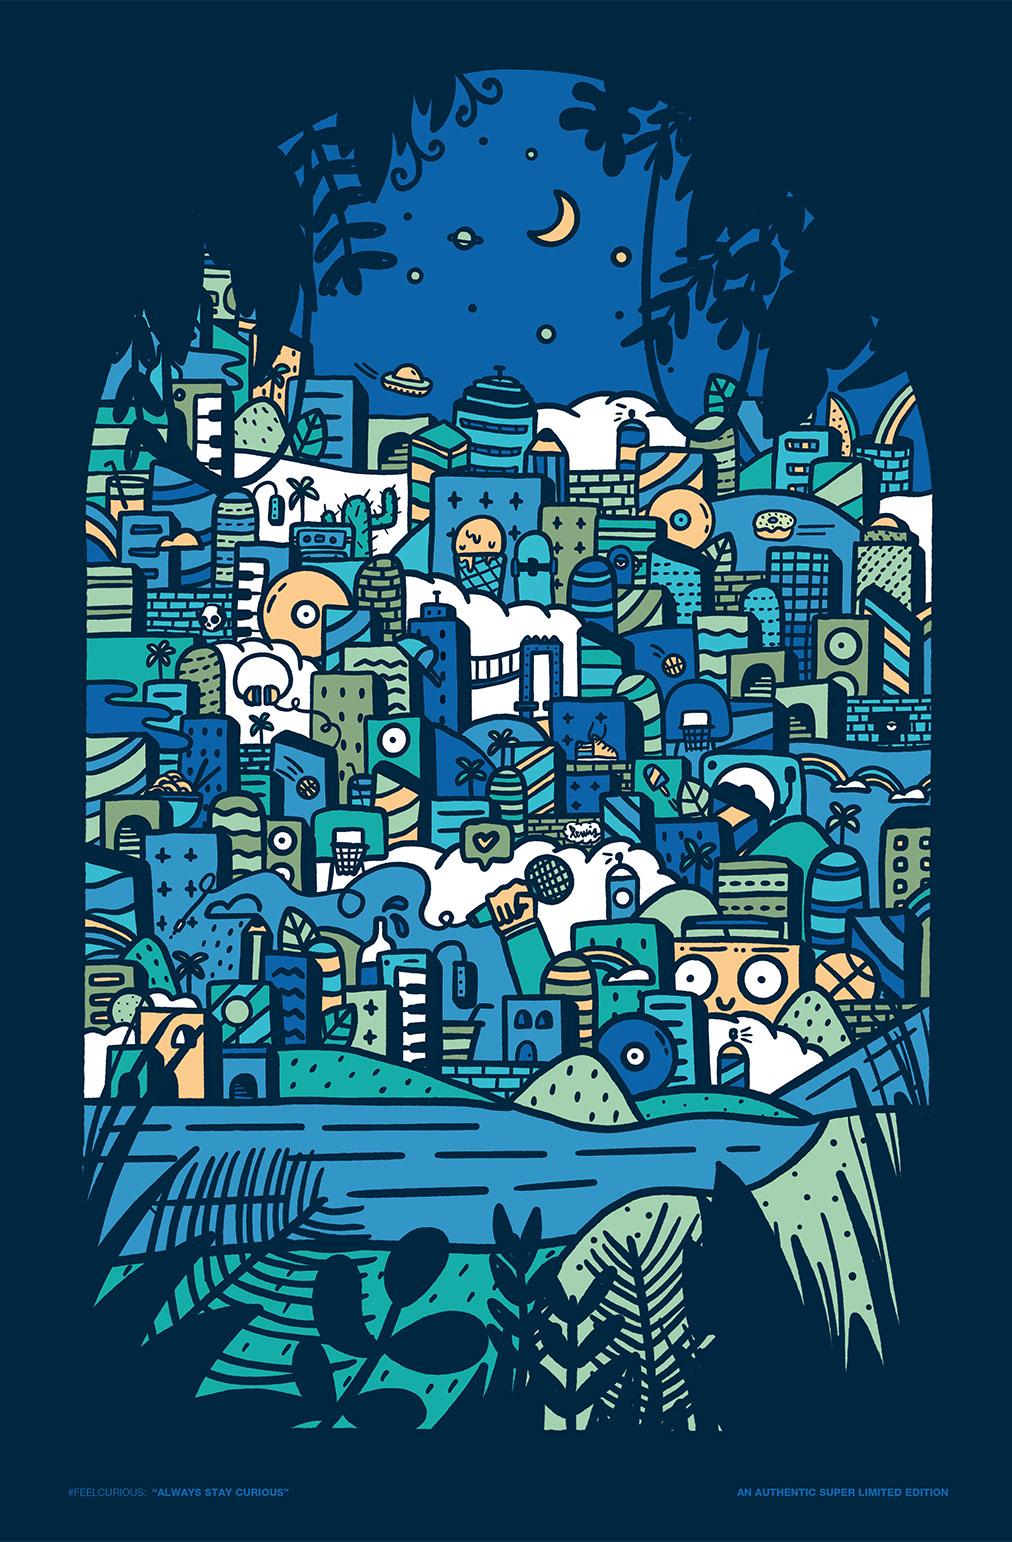 Little Lewis Print x Sesh Evo Curious Blue